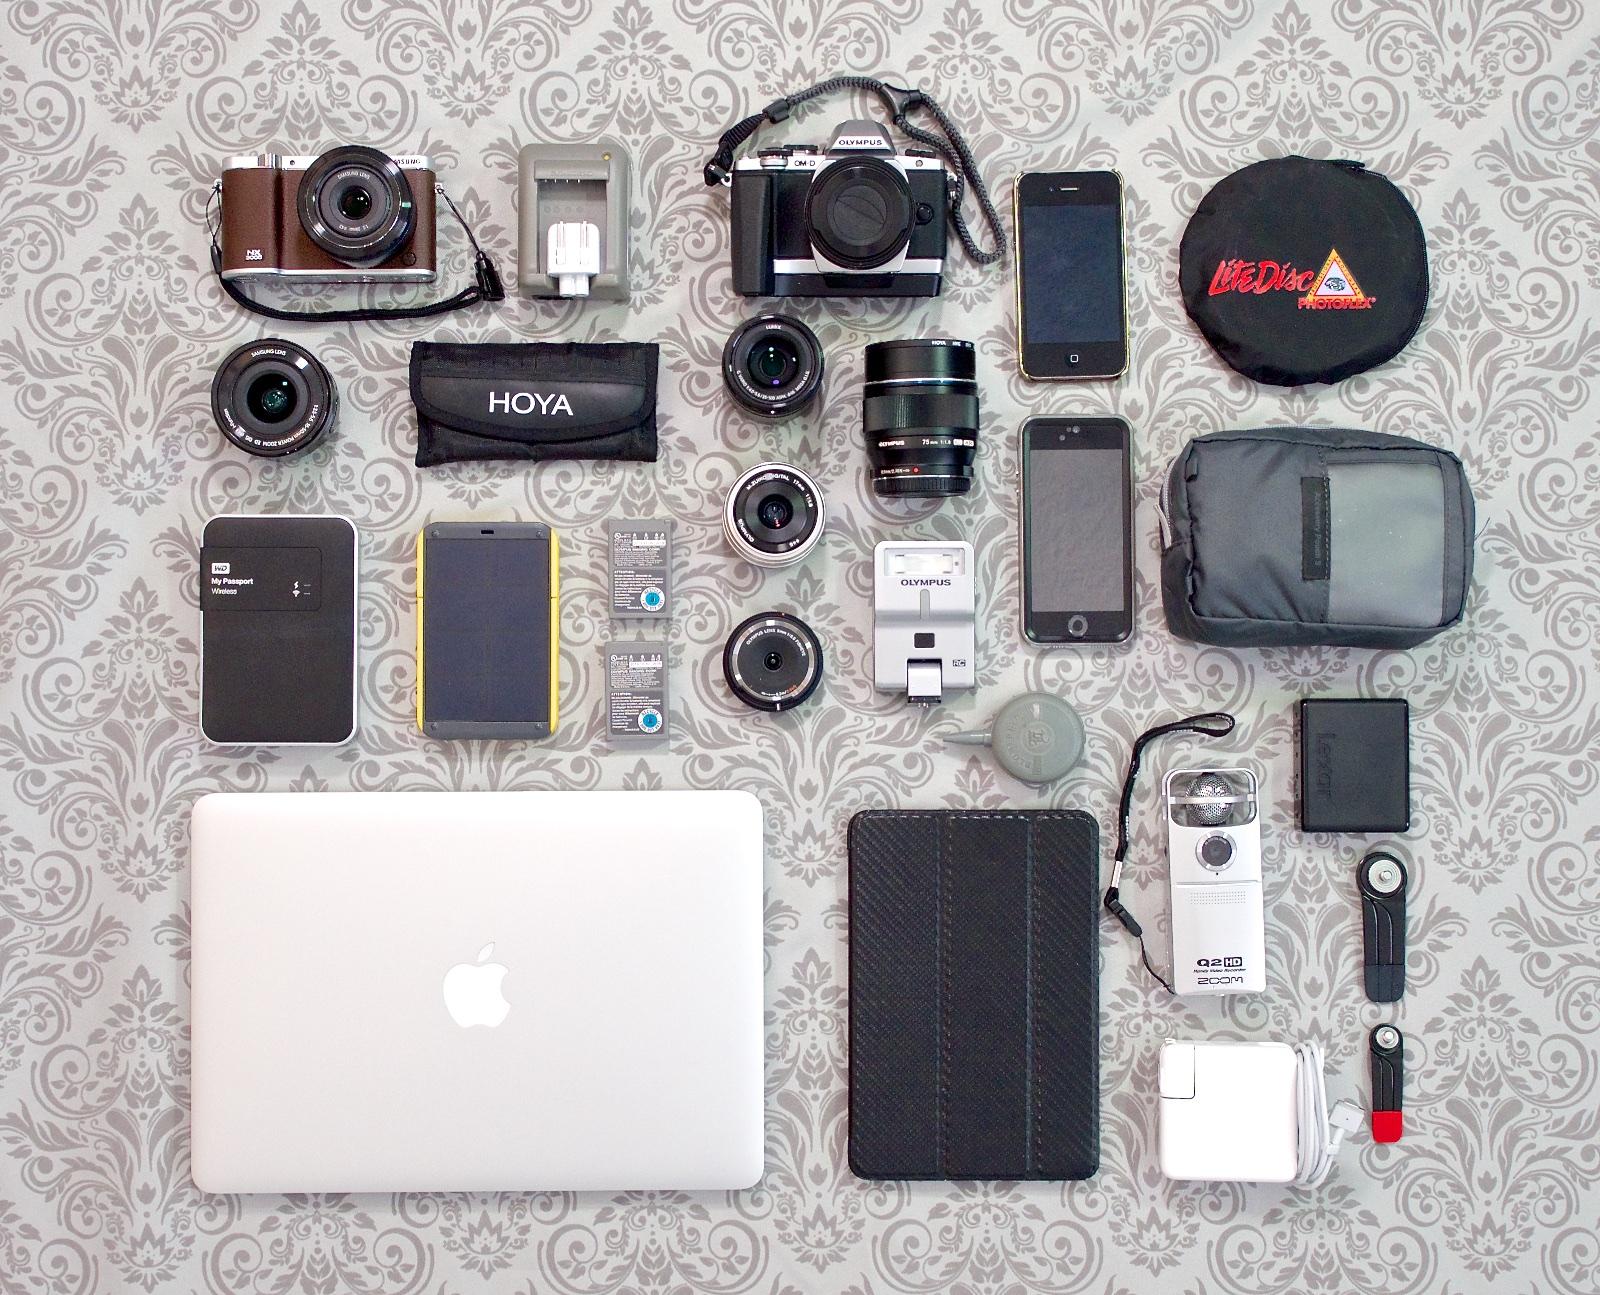 http://thedigitalstory.com/2015/01/12/gear-bag-for-cuba.jpg